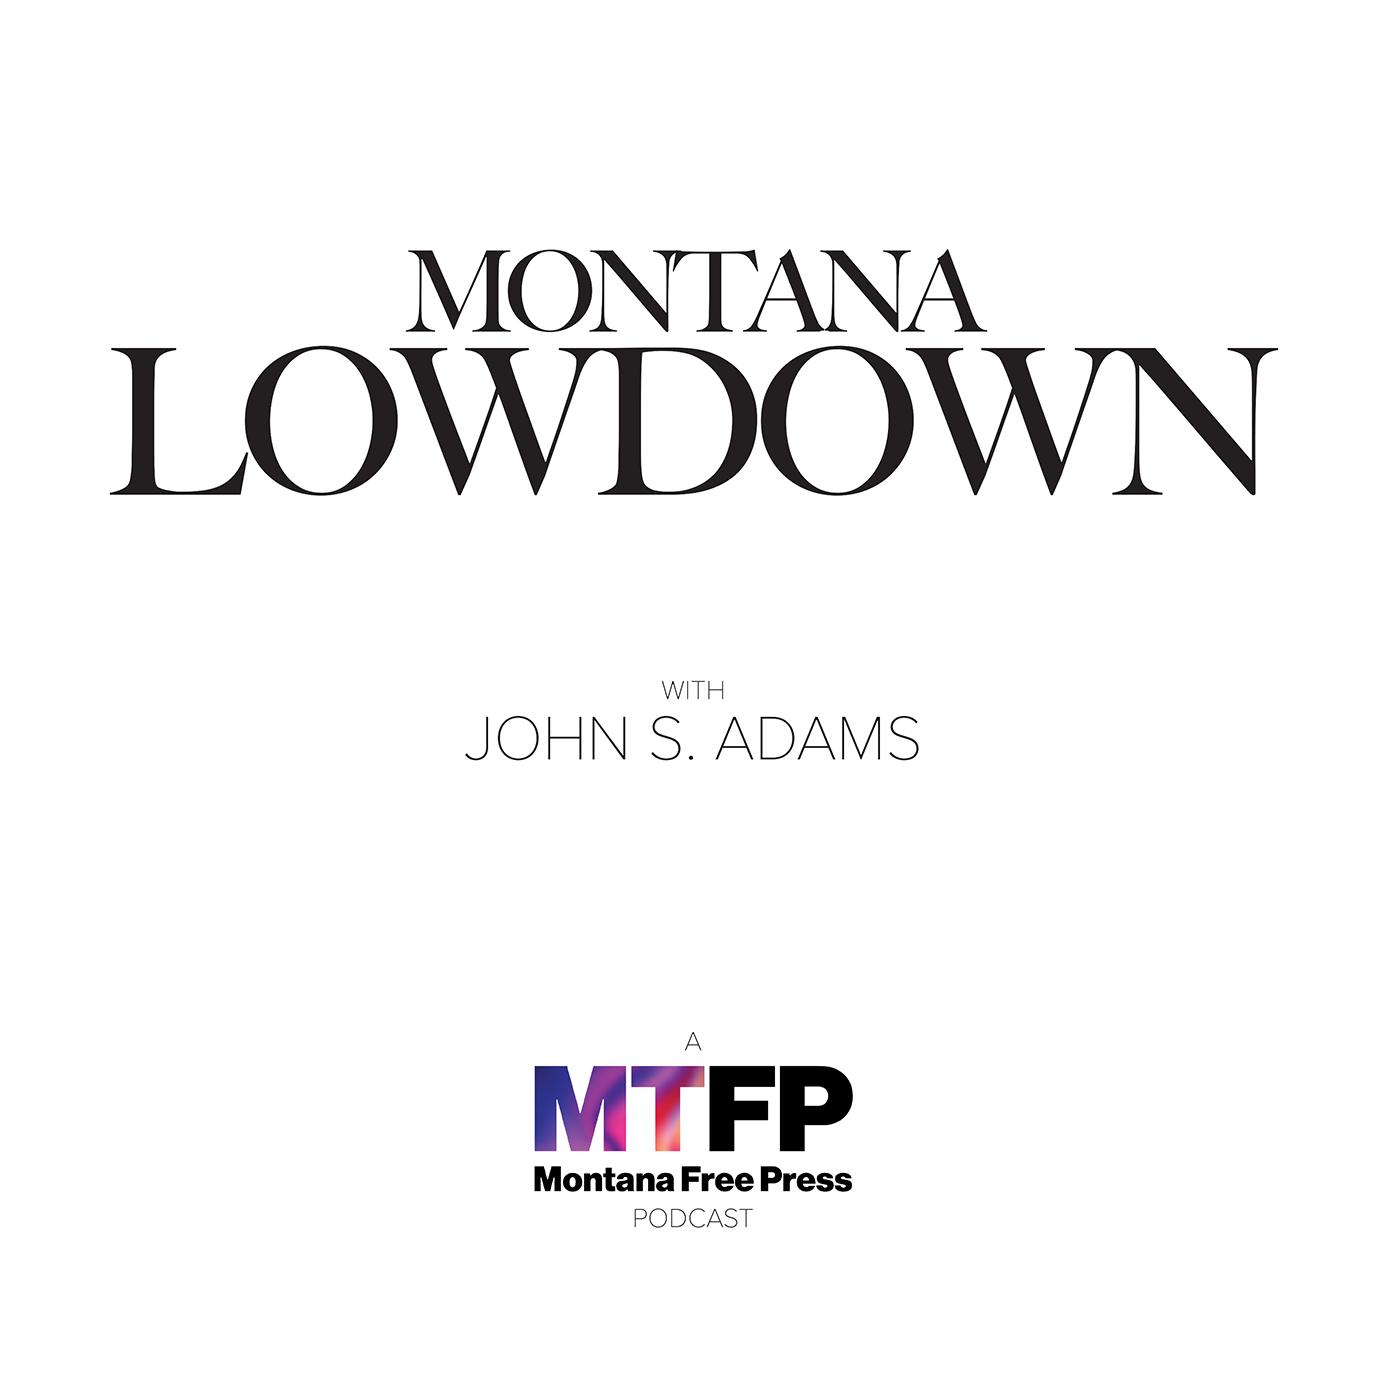 Montana Lowdown show art